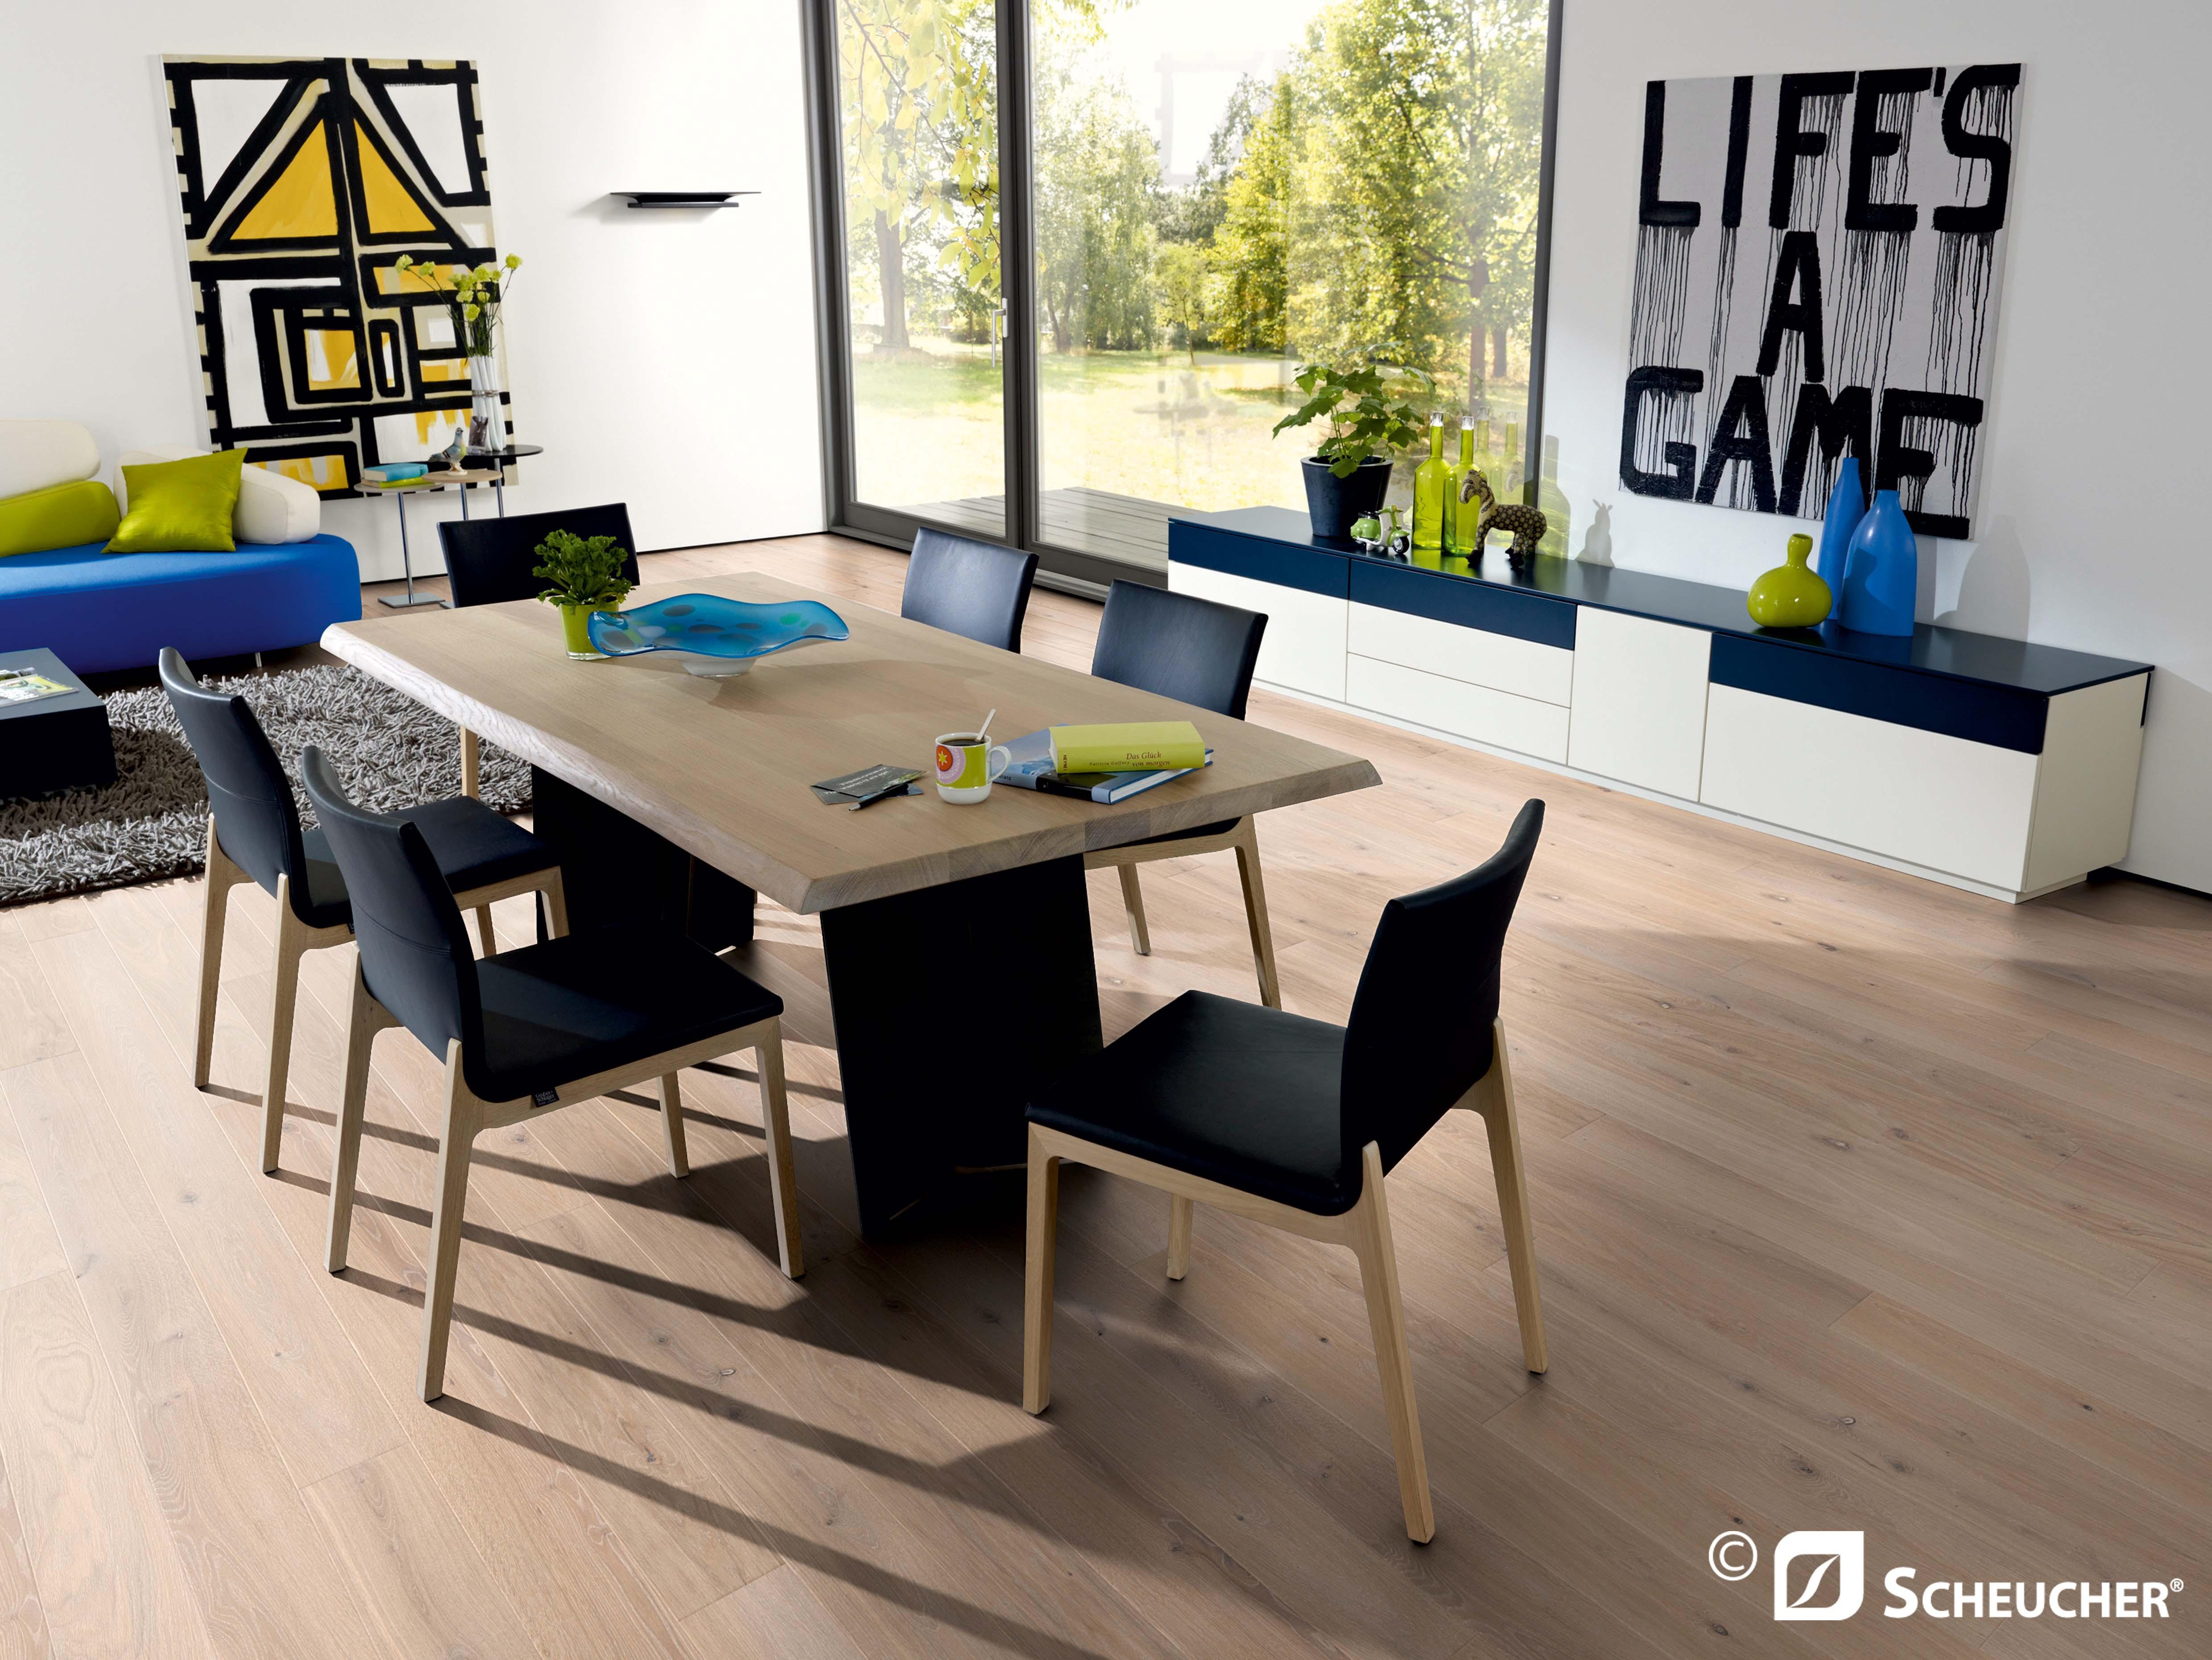 scheucher elevation sylt deutsch holzboden. Black Bedroom Furniture Sets. Home Design Ideas